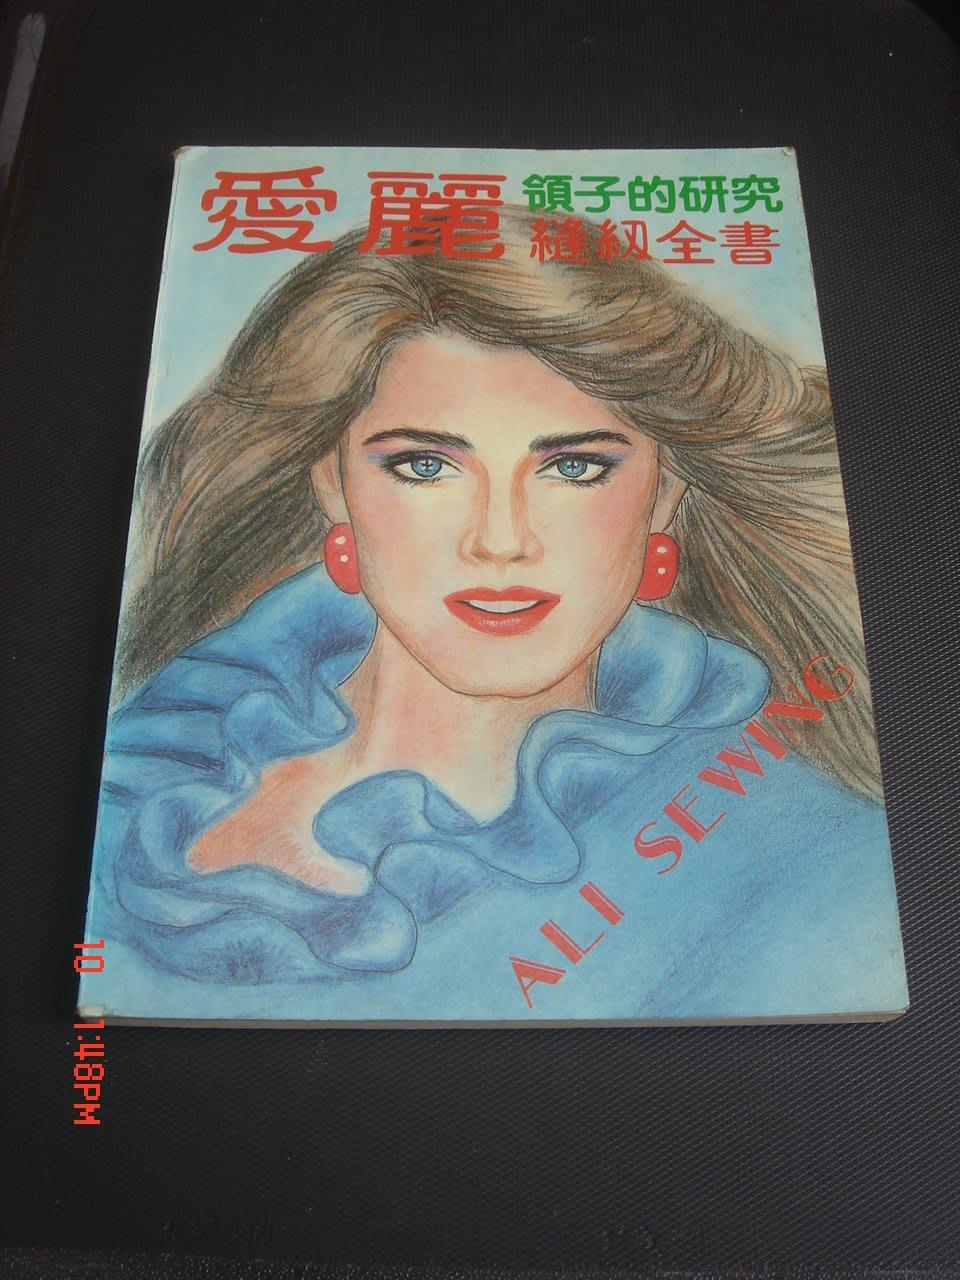 368誌【古書善本】愛麗縫紉全書 領子的研究 平領 披肩  王阿珠編著 76年